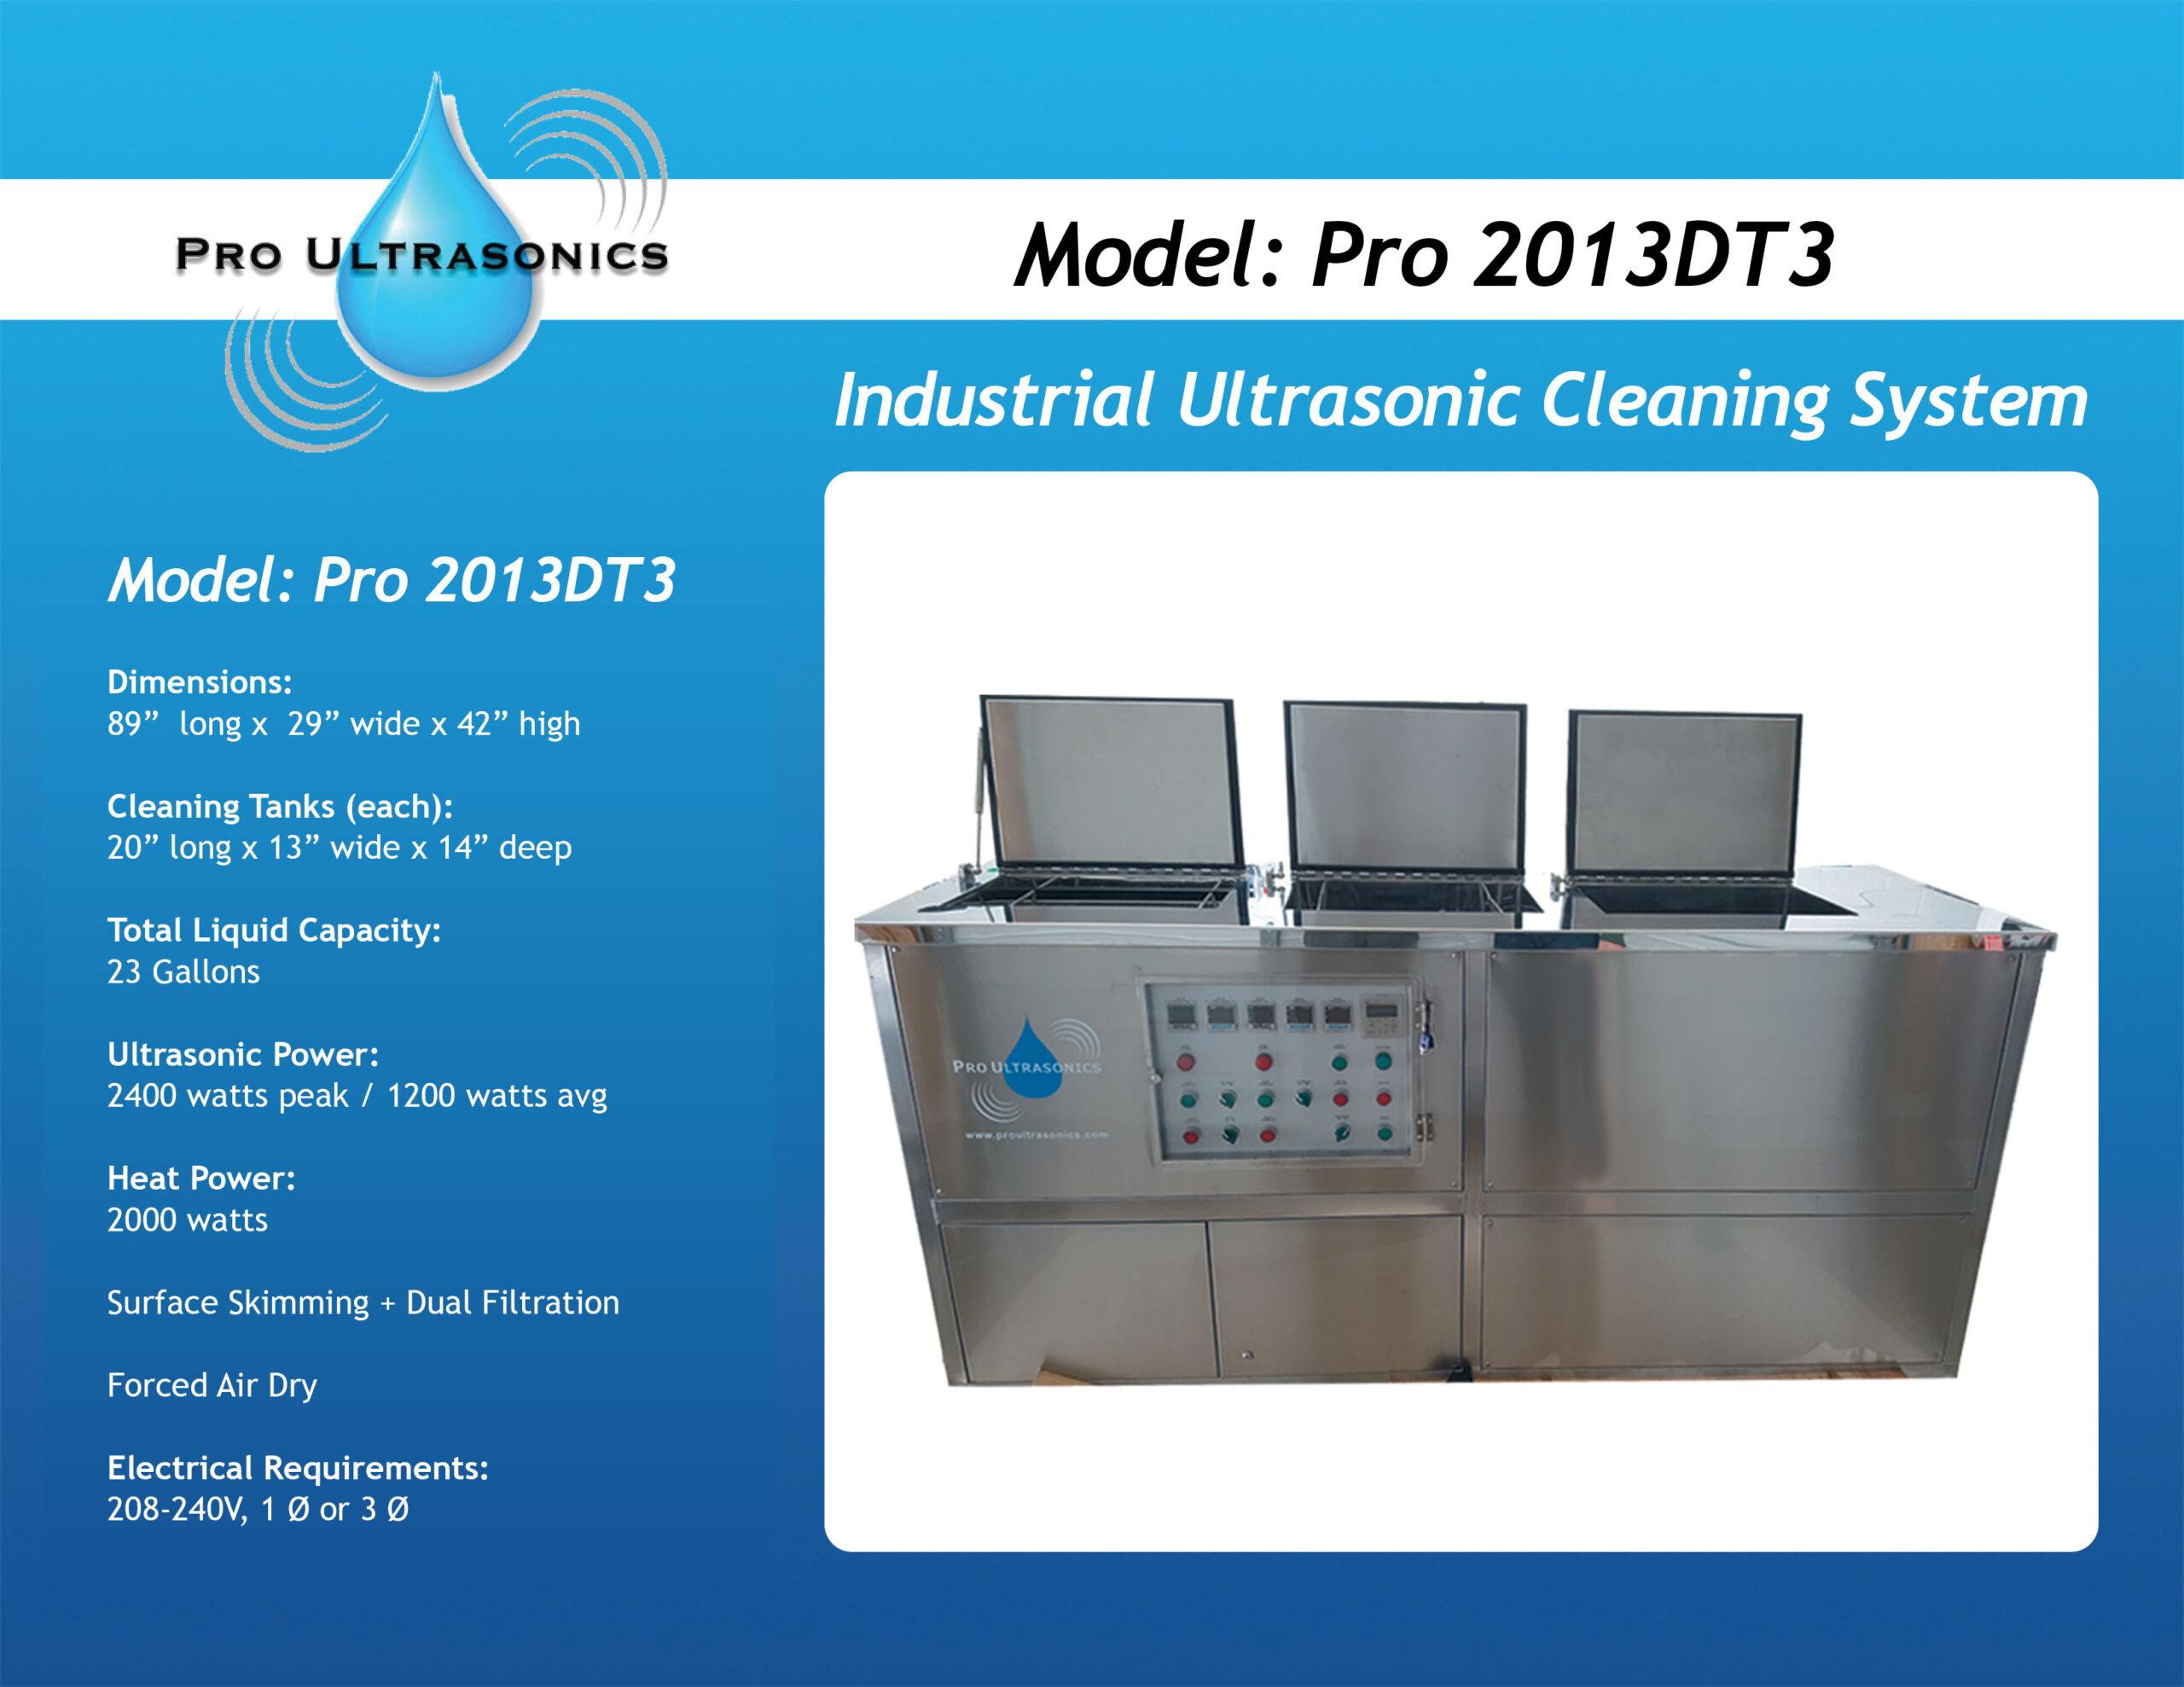 Pro 2013DT3